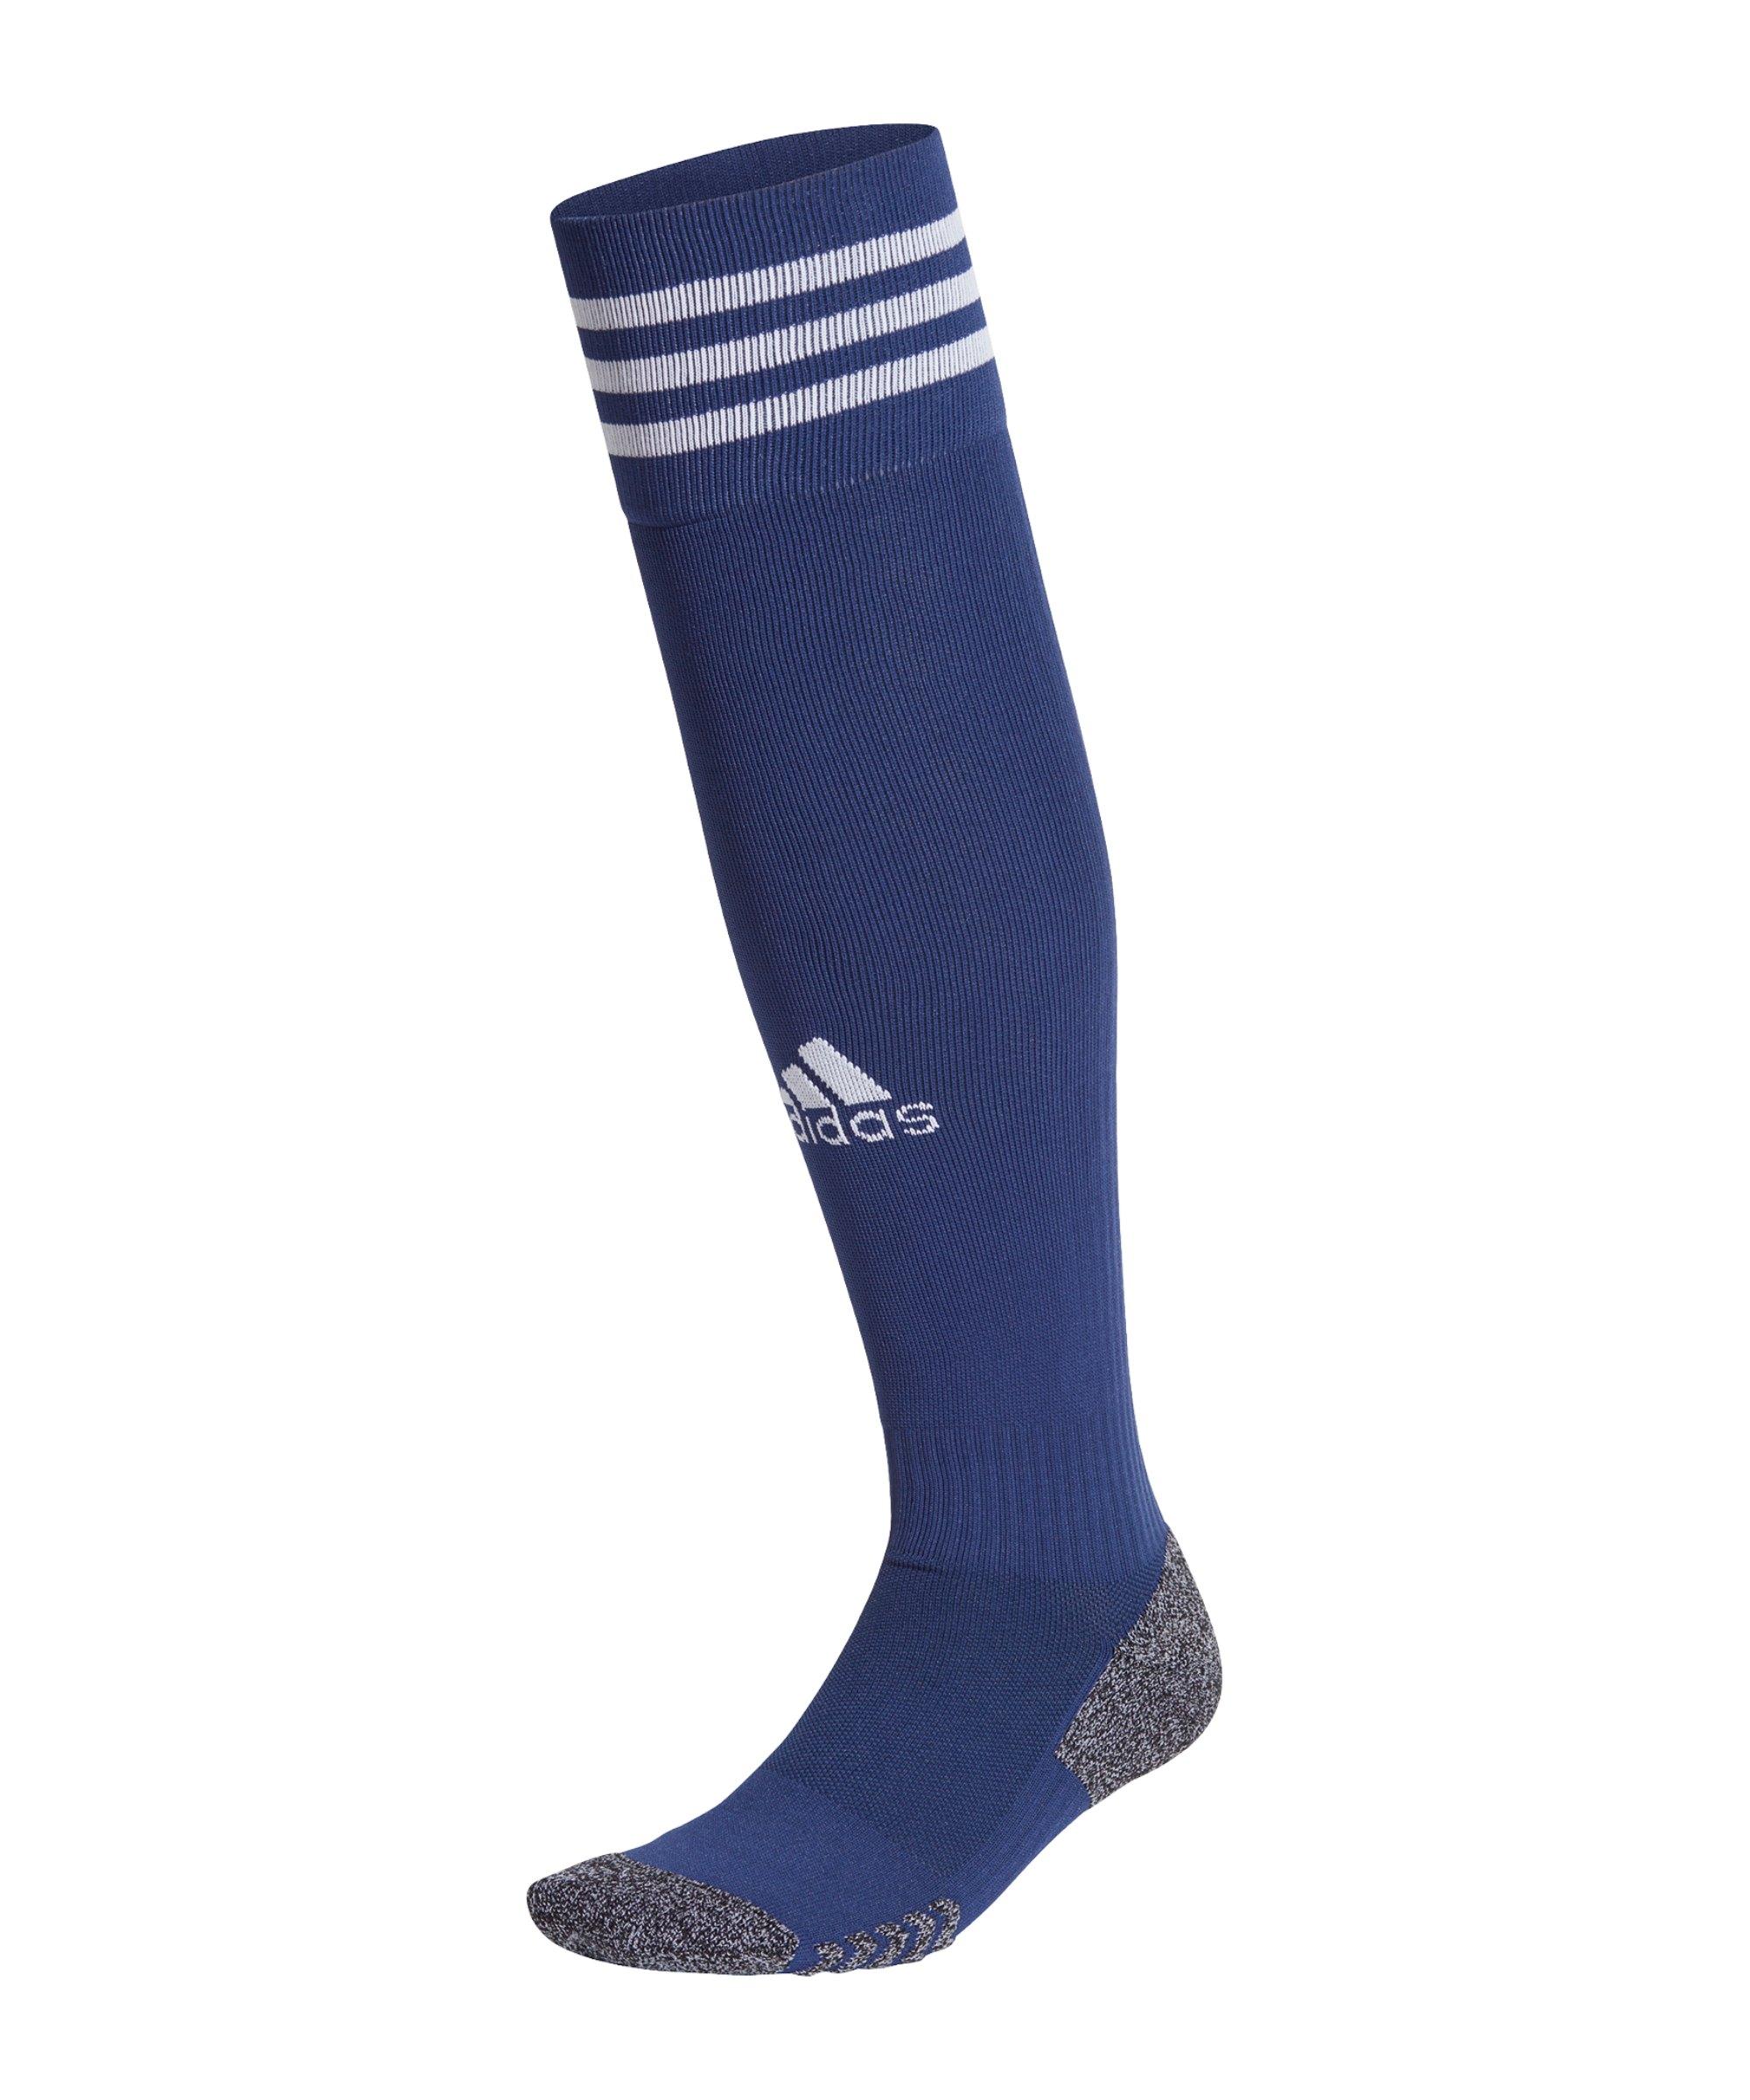 adidas Adisock 21 Strumpfstutzen Dunkelblau Weiss - blau